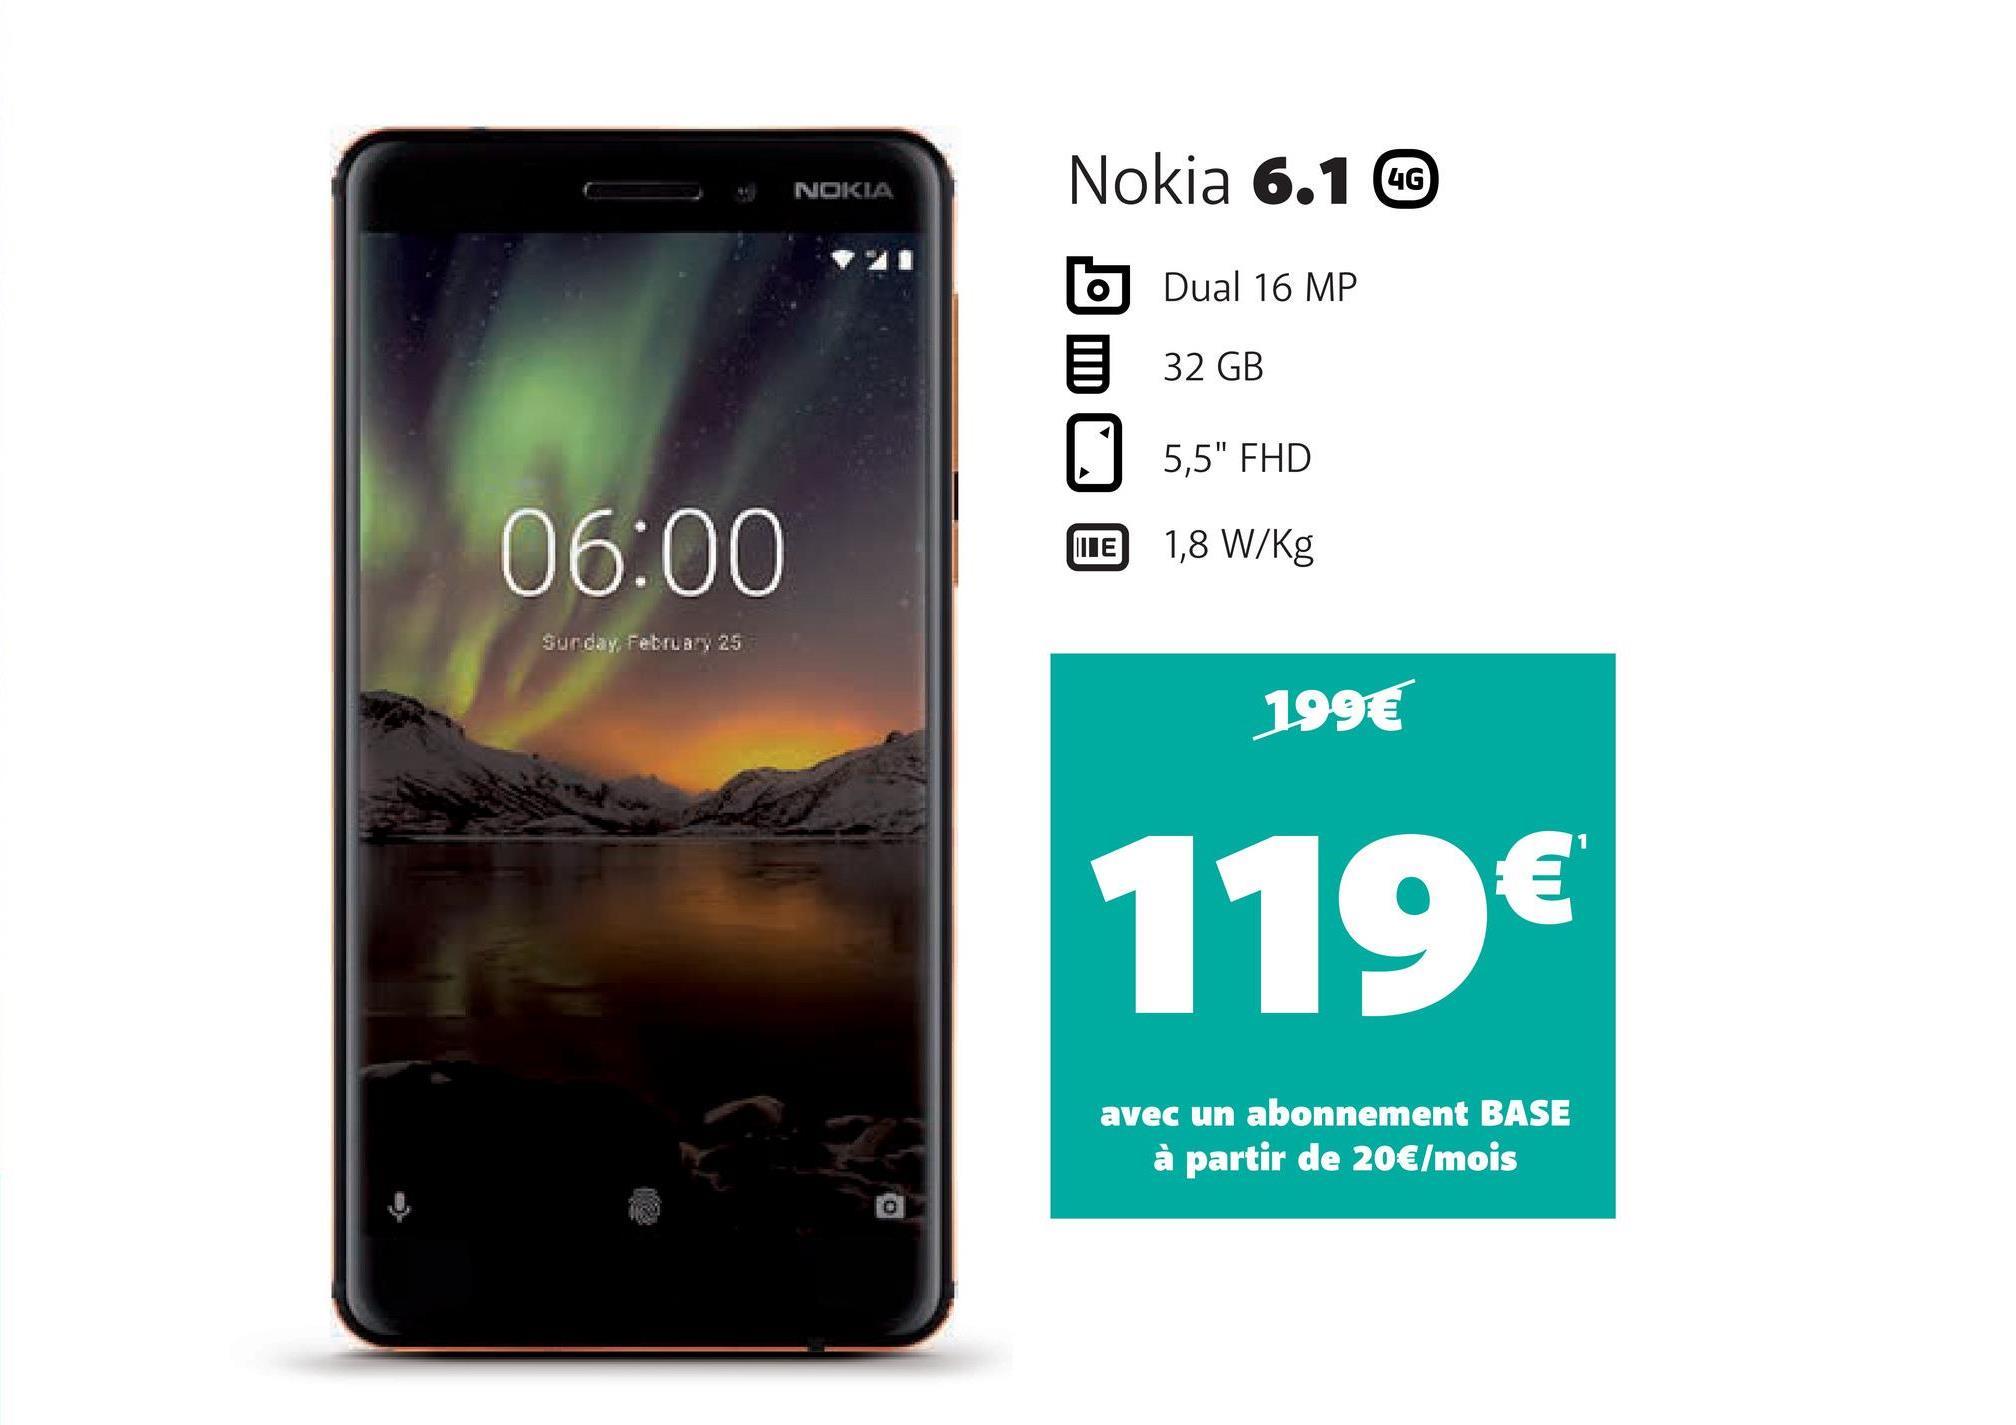 """NOKIA Nokia 6.1 b Dual 16 MP 5 32 GB 5,5"""" FHD MEE 1,8 W/Kg 06:00 Surday, February 25 199€ 119€ avec un abonnement BASE à partir de 20€/mois"""